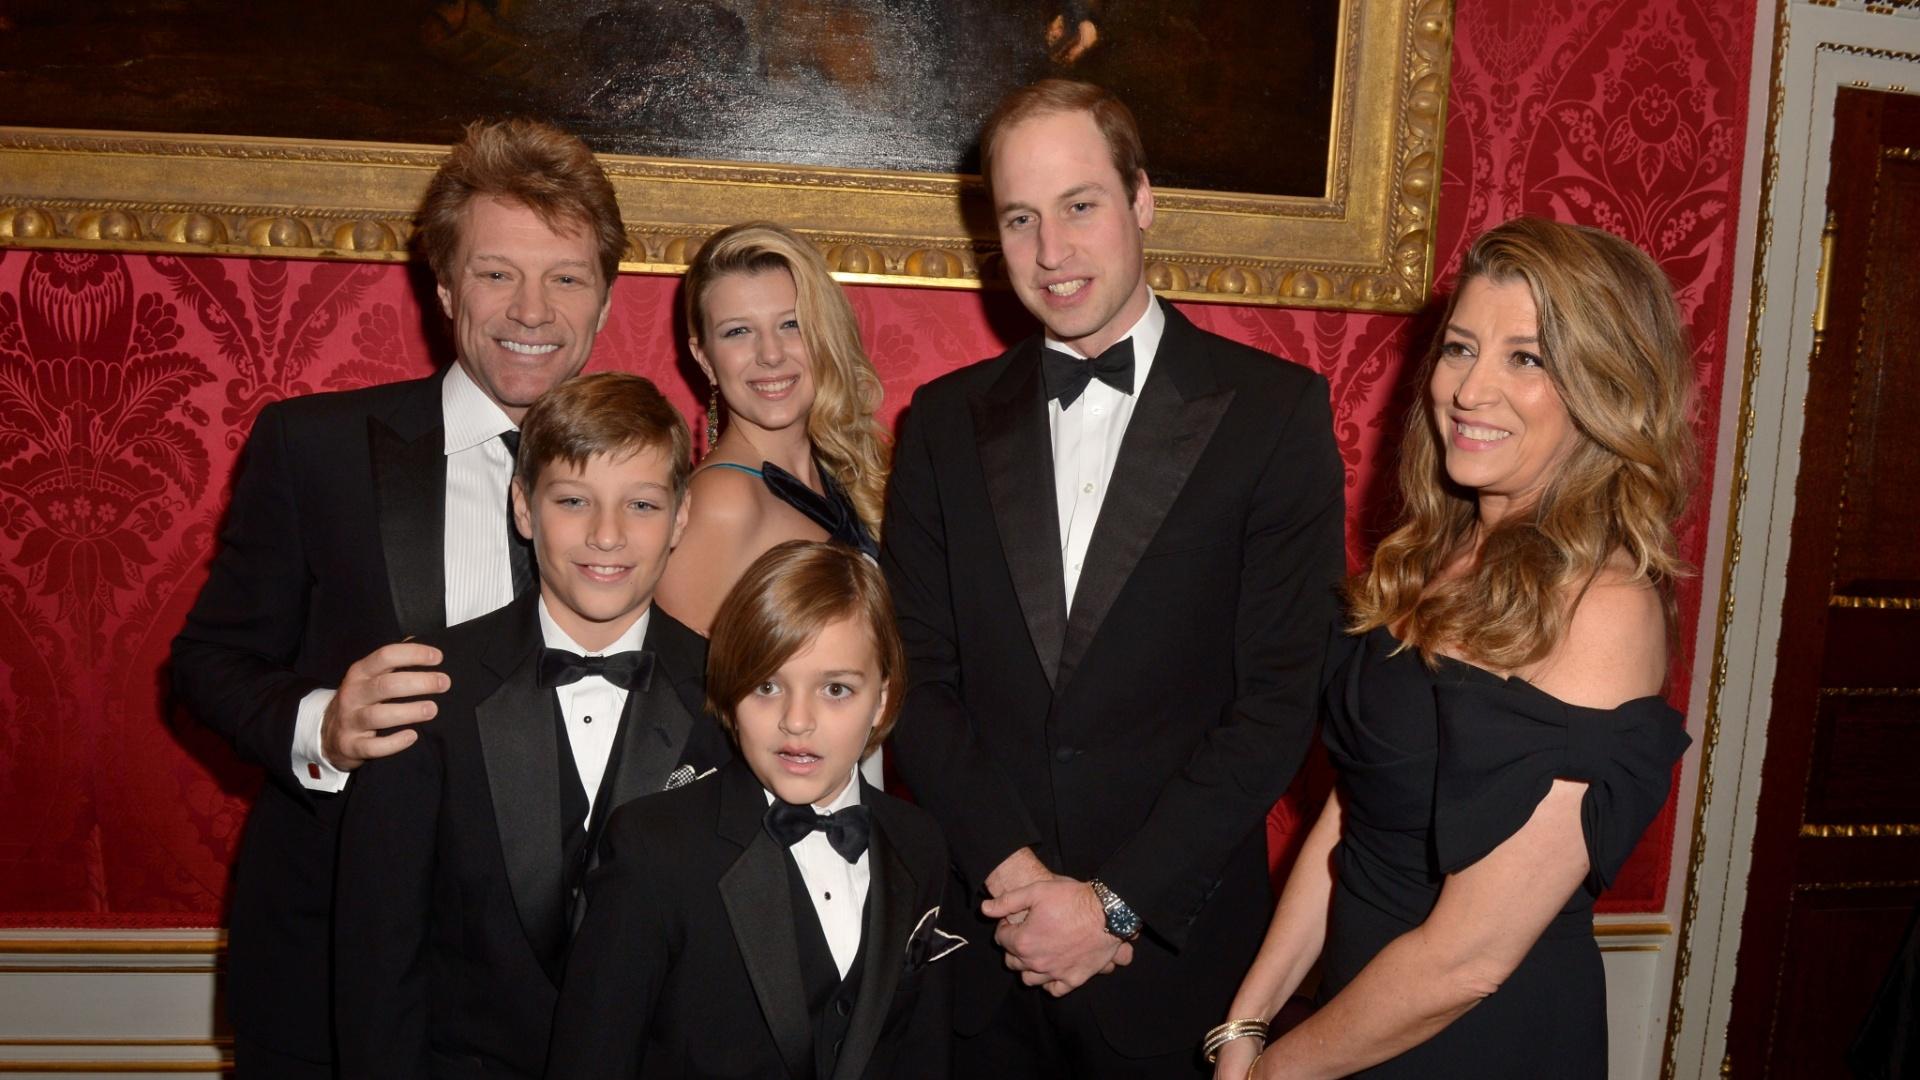 26.nov.2013 - Acompanhado da família, Bon Jovi prestigiou ao baile de gala promovido por Kate Middleton e Príncipe William